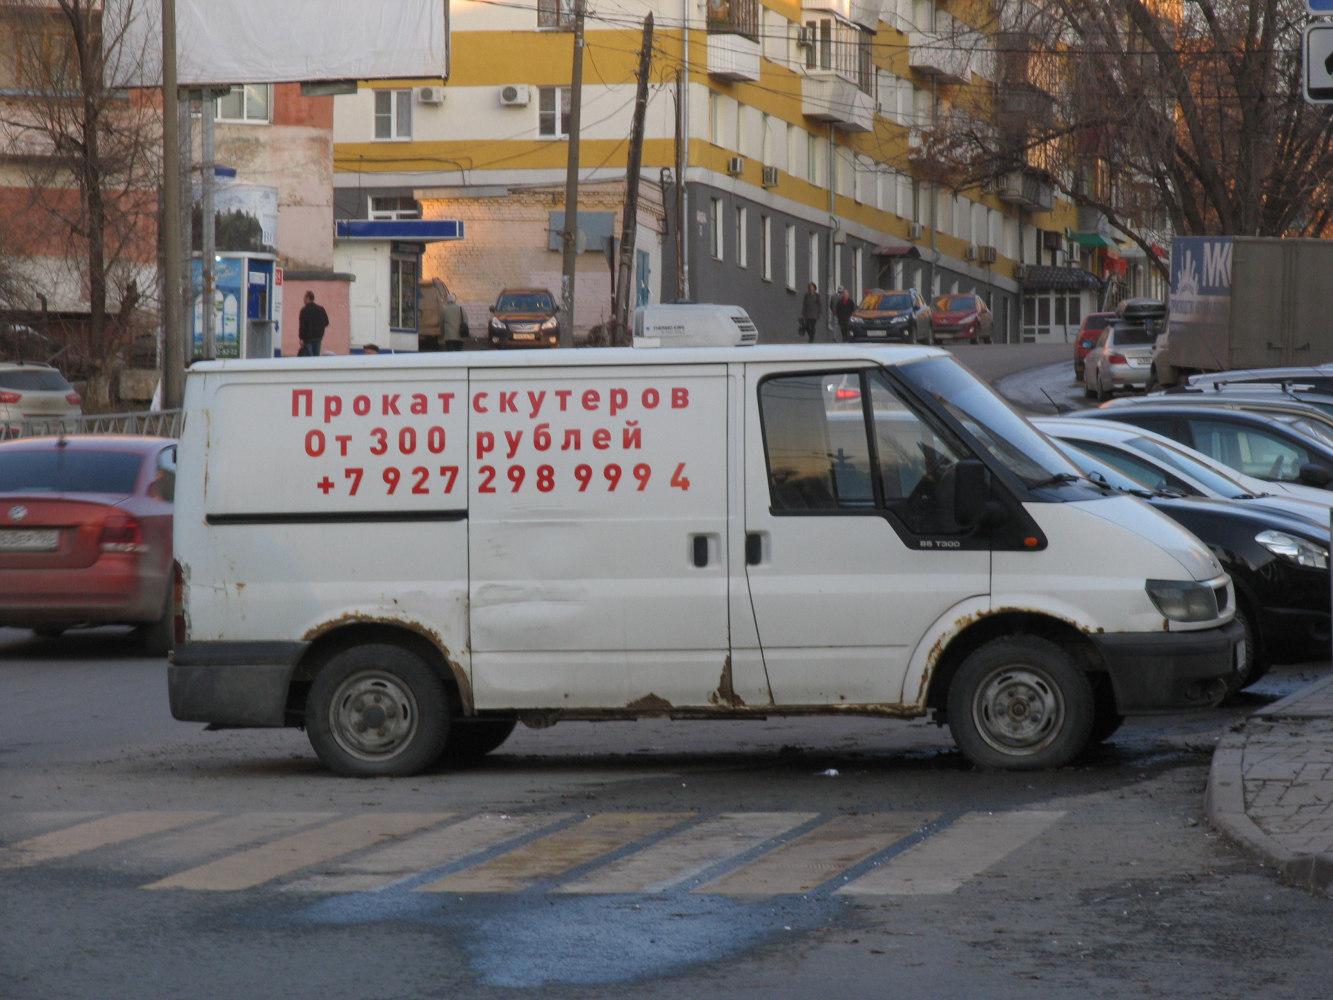 фургон FORD Transit 85 T300 #В967КХ163. г. Самара, ул. Первомайская